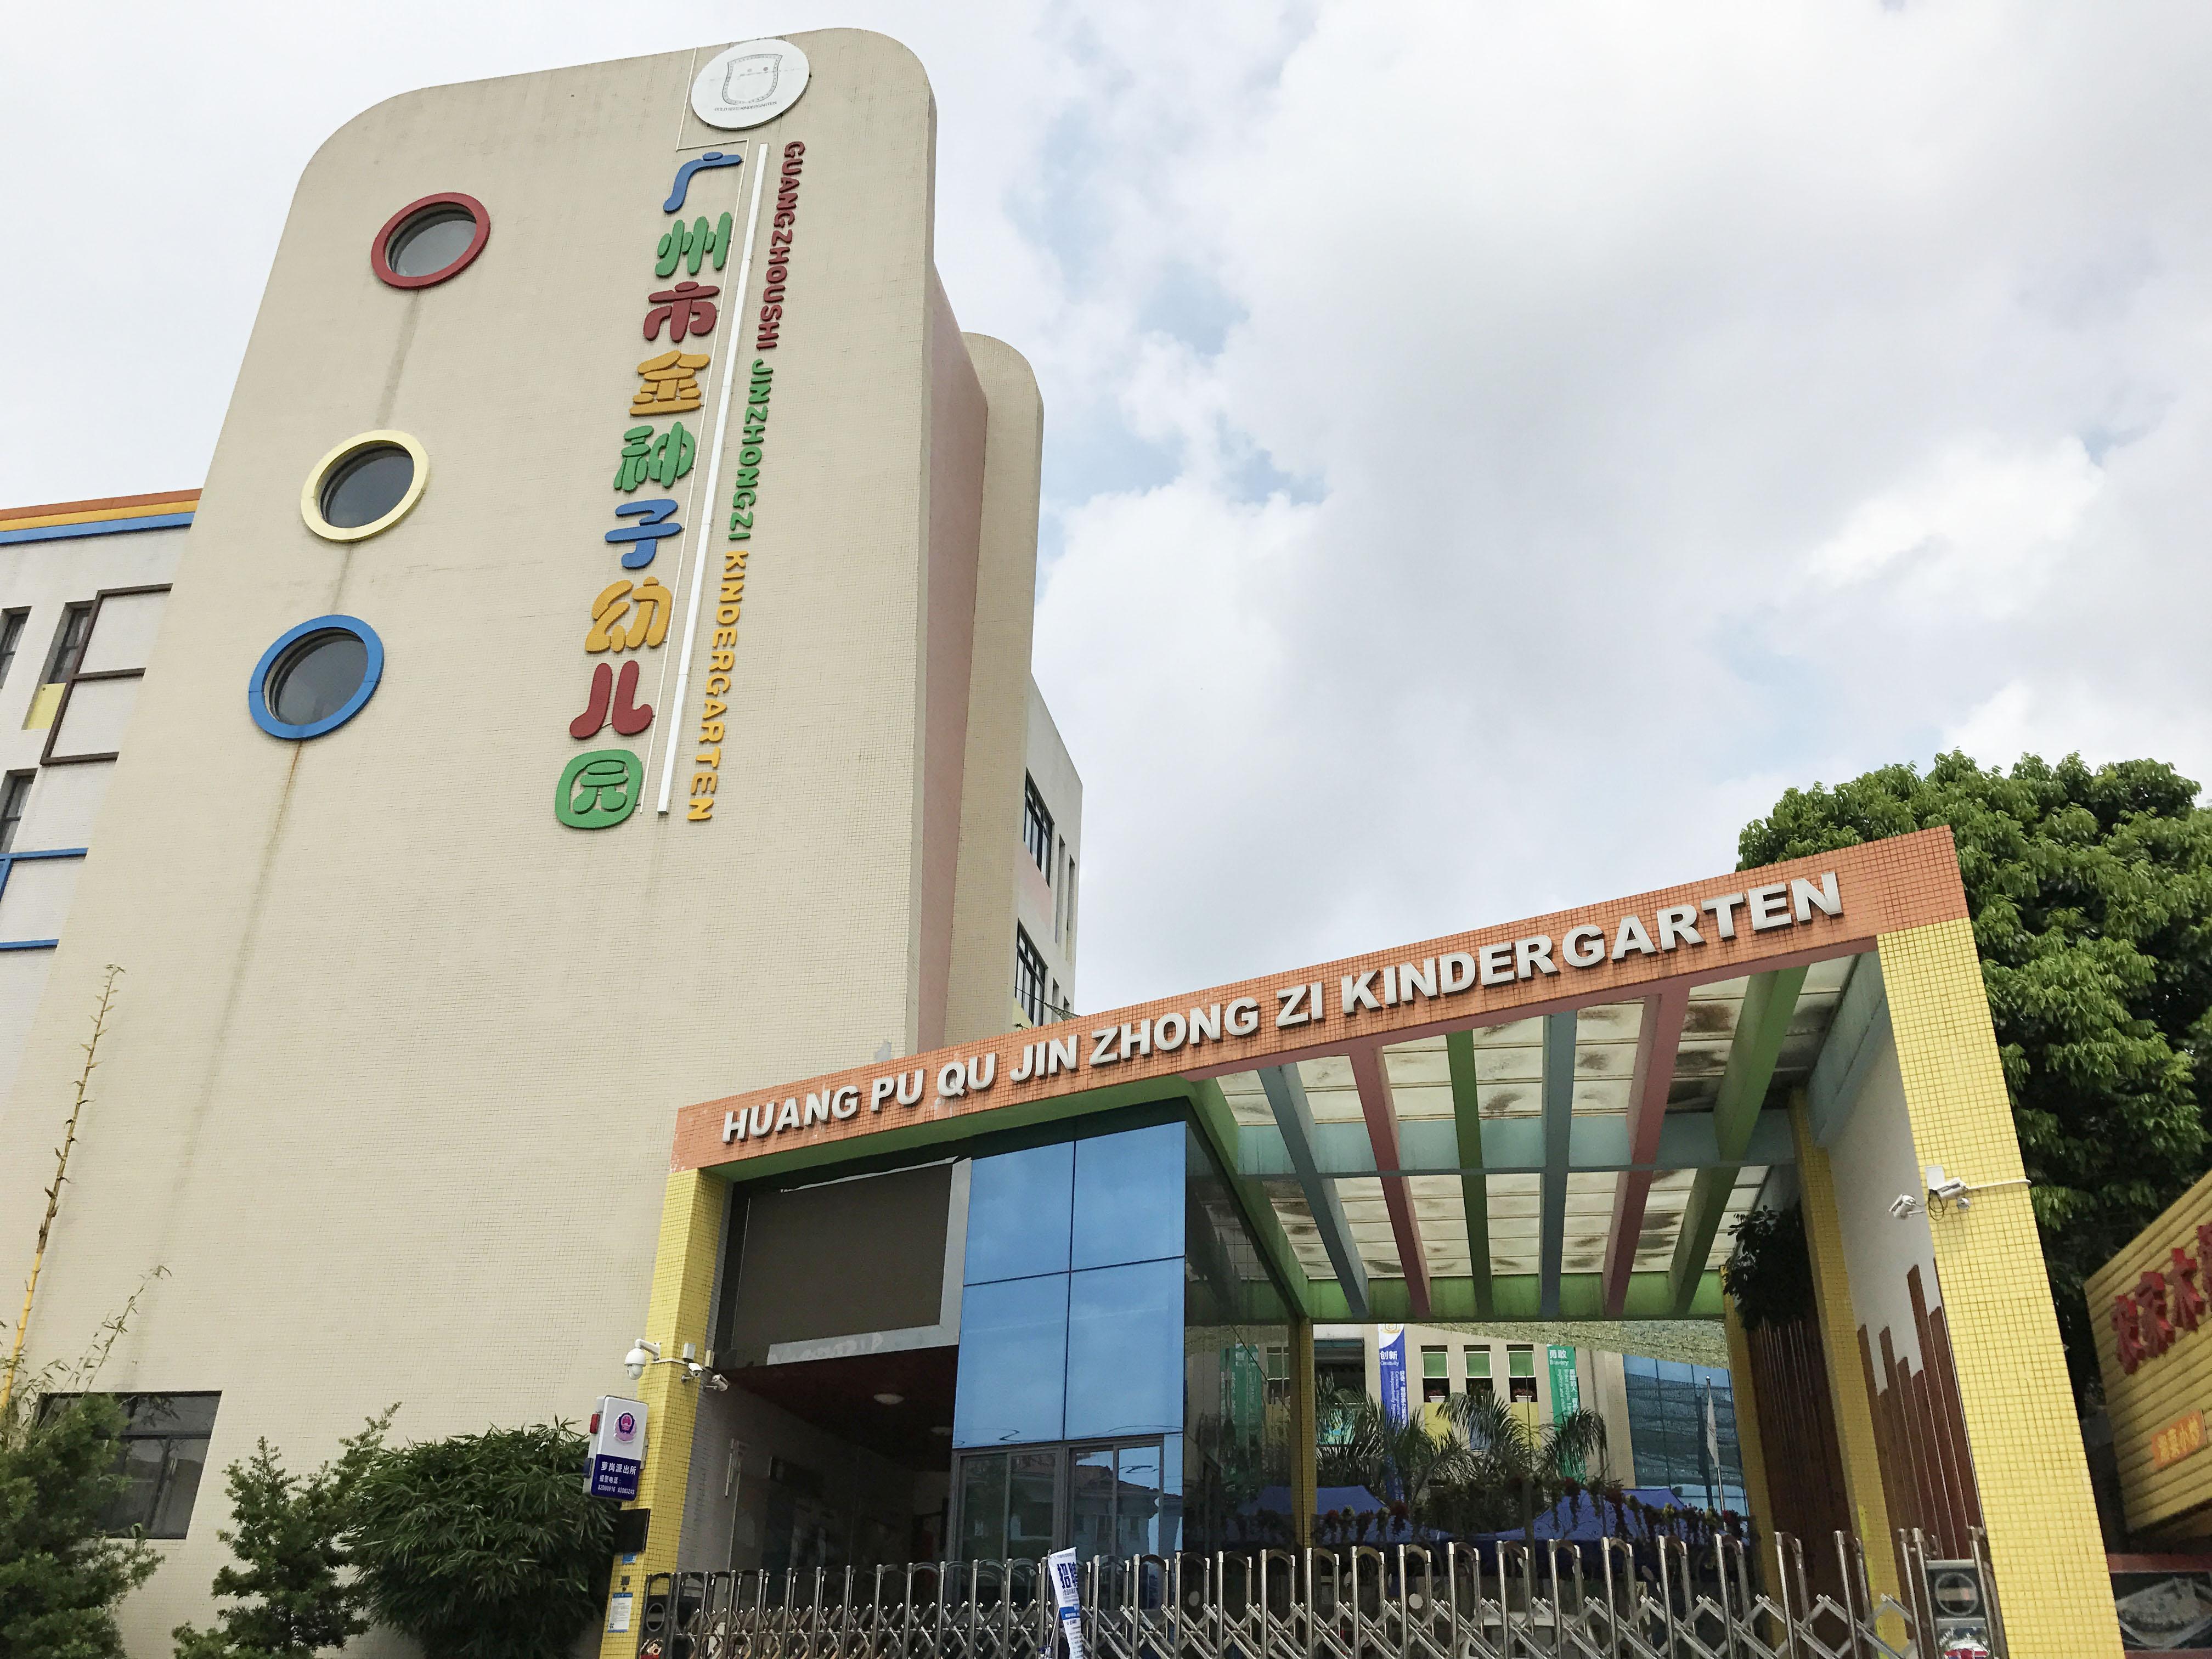 Guangzhoushi-Jinzhongzi-Kindergarten-in-china-5